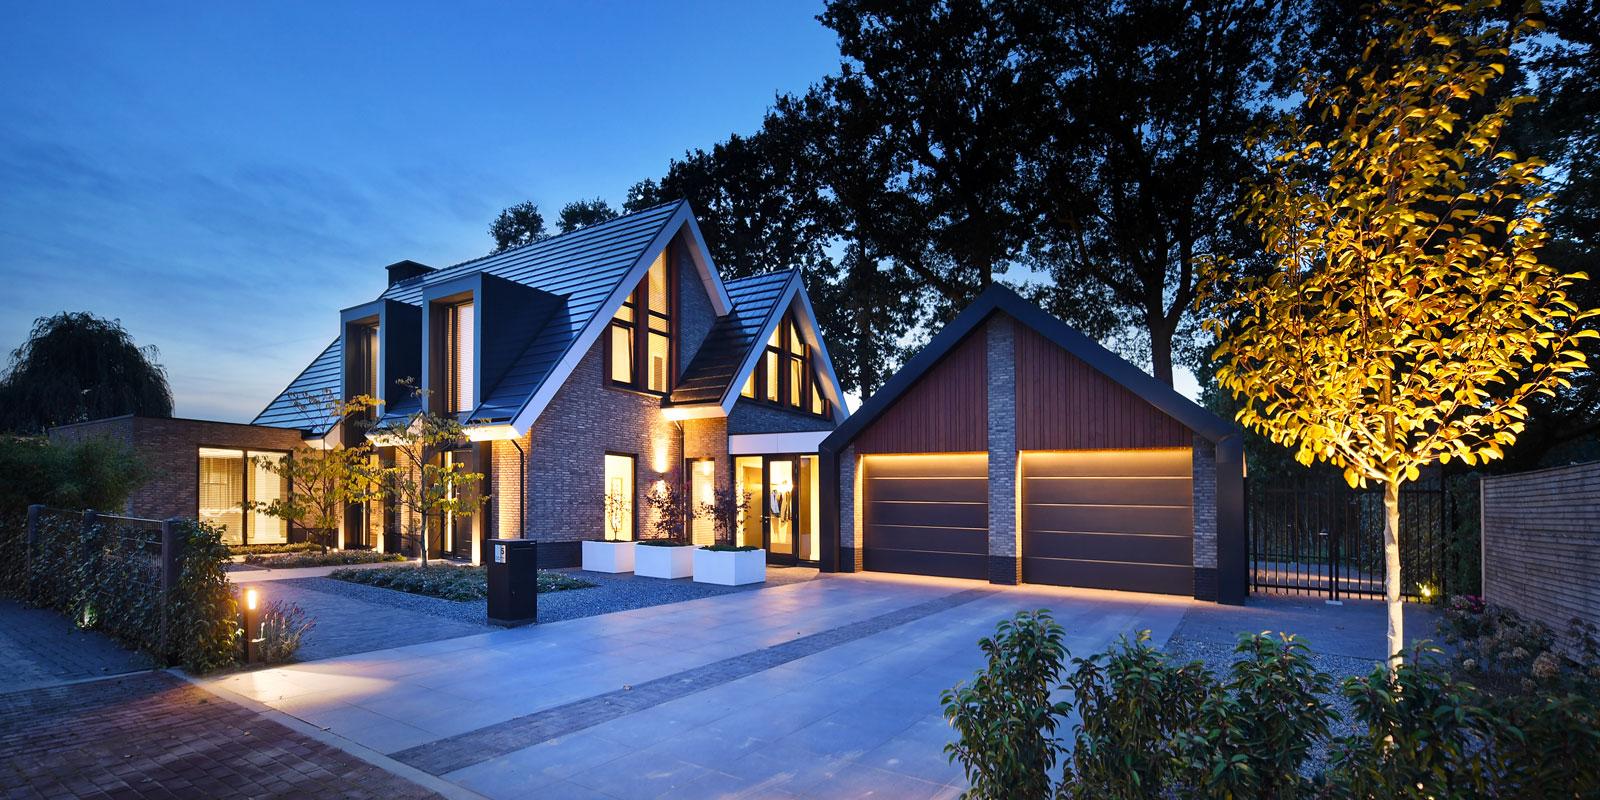 Lichtplan, Hoogspoor Design Light, the art of living